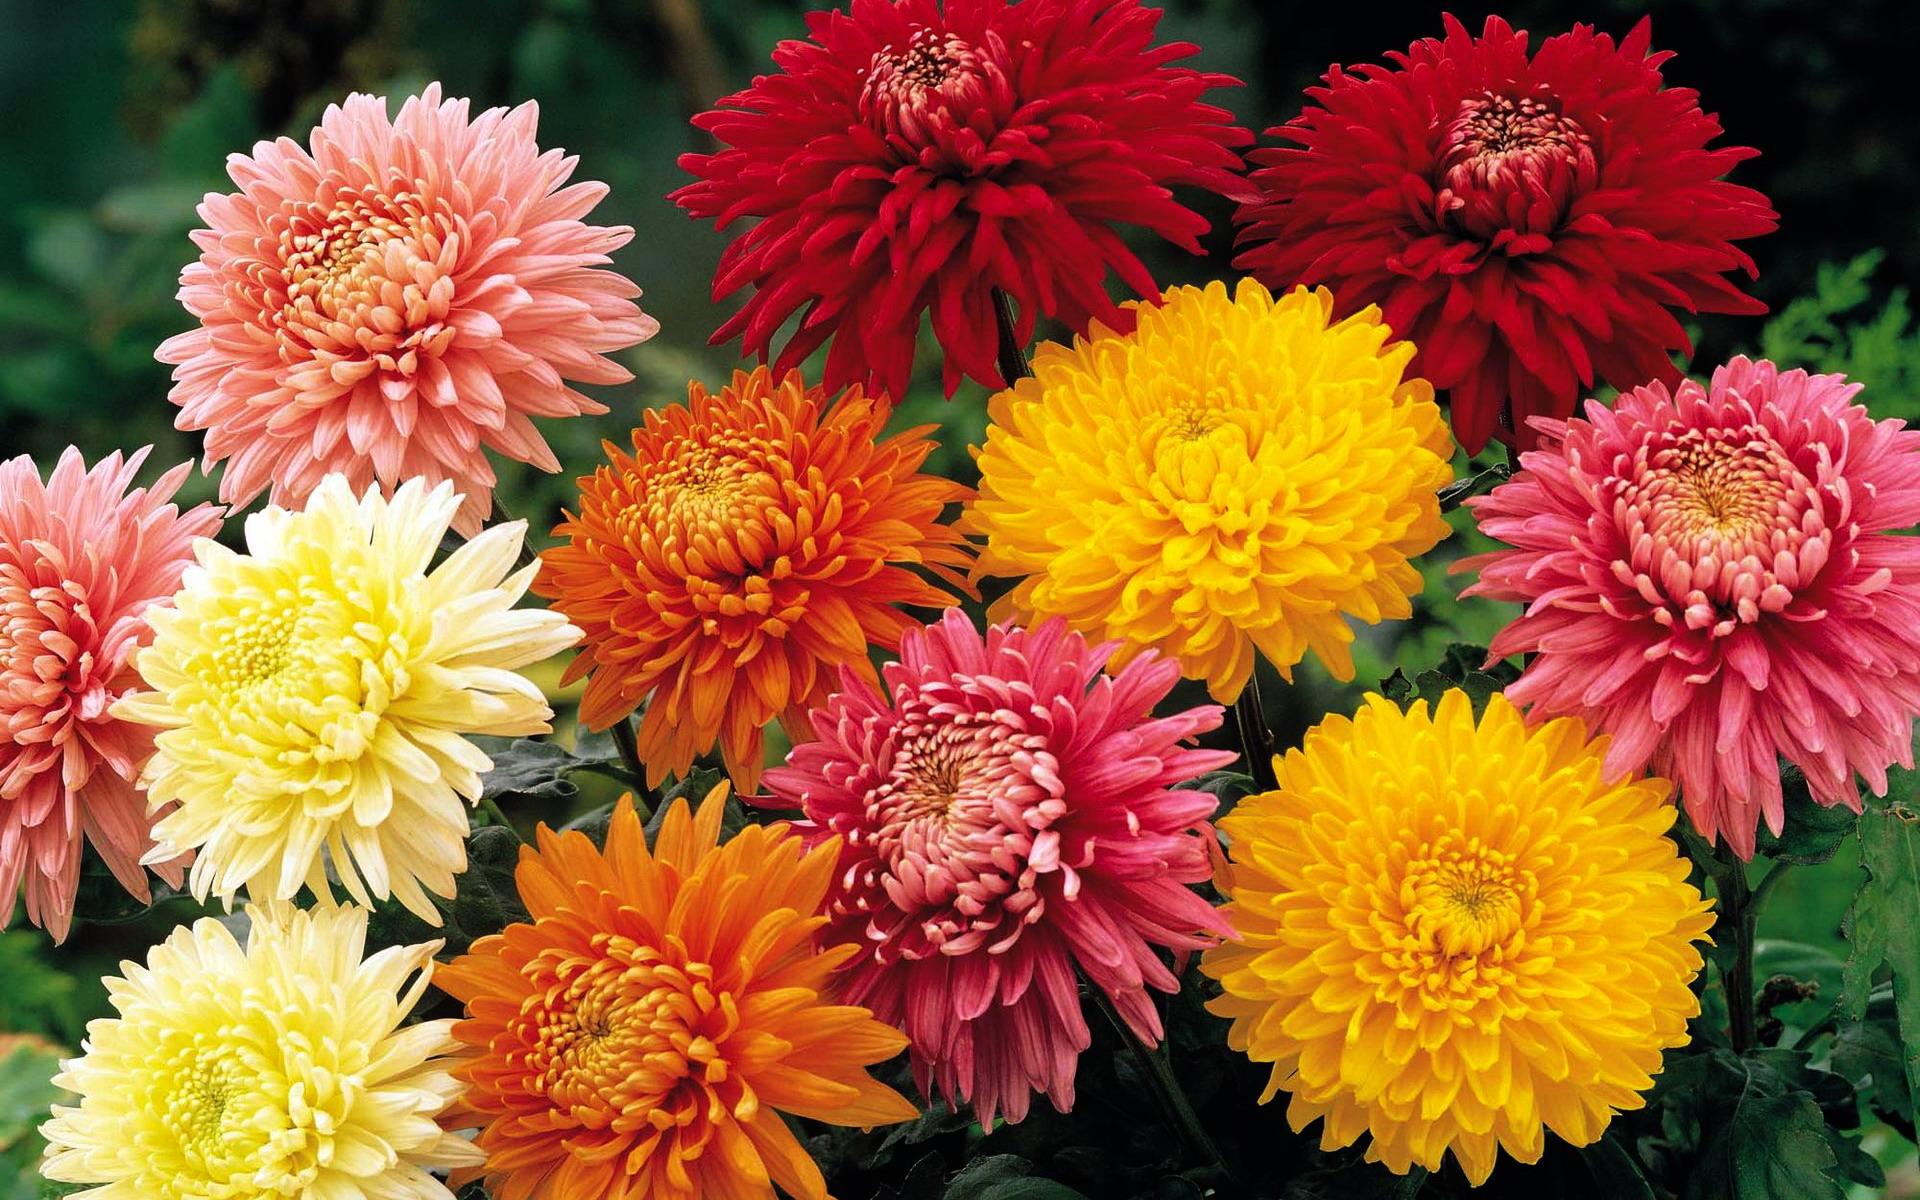 Обои на рабочий стол Цветы хризантемы   подборка (4)